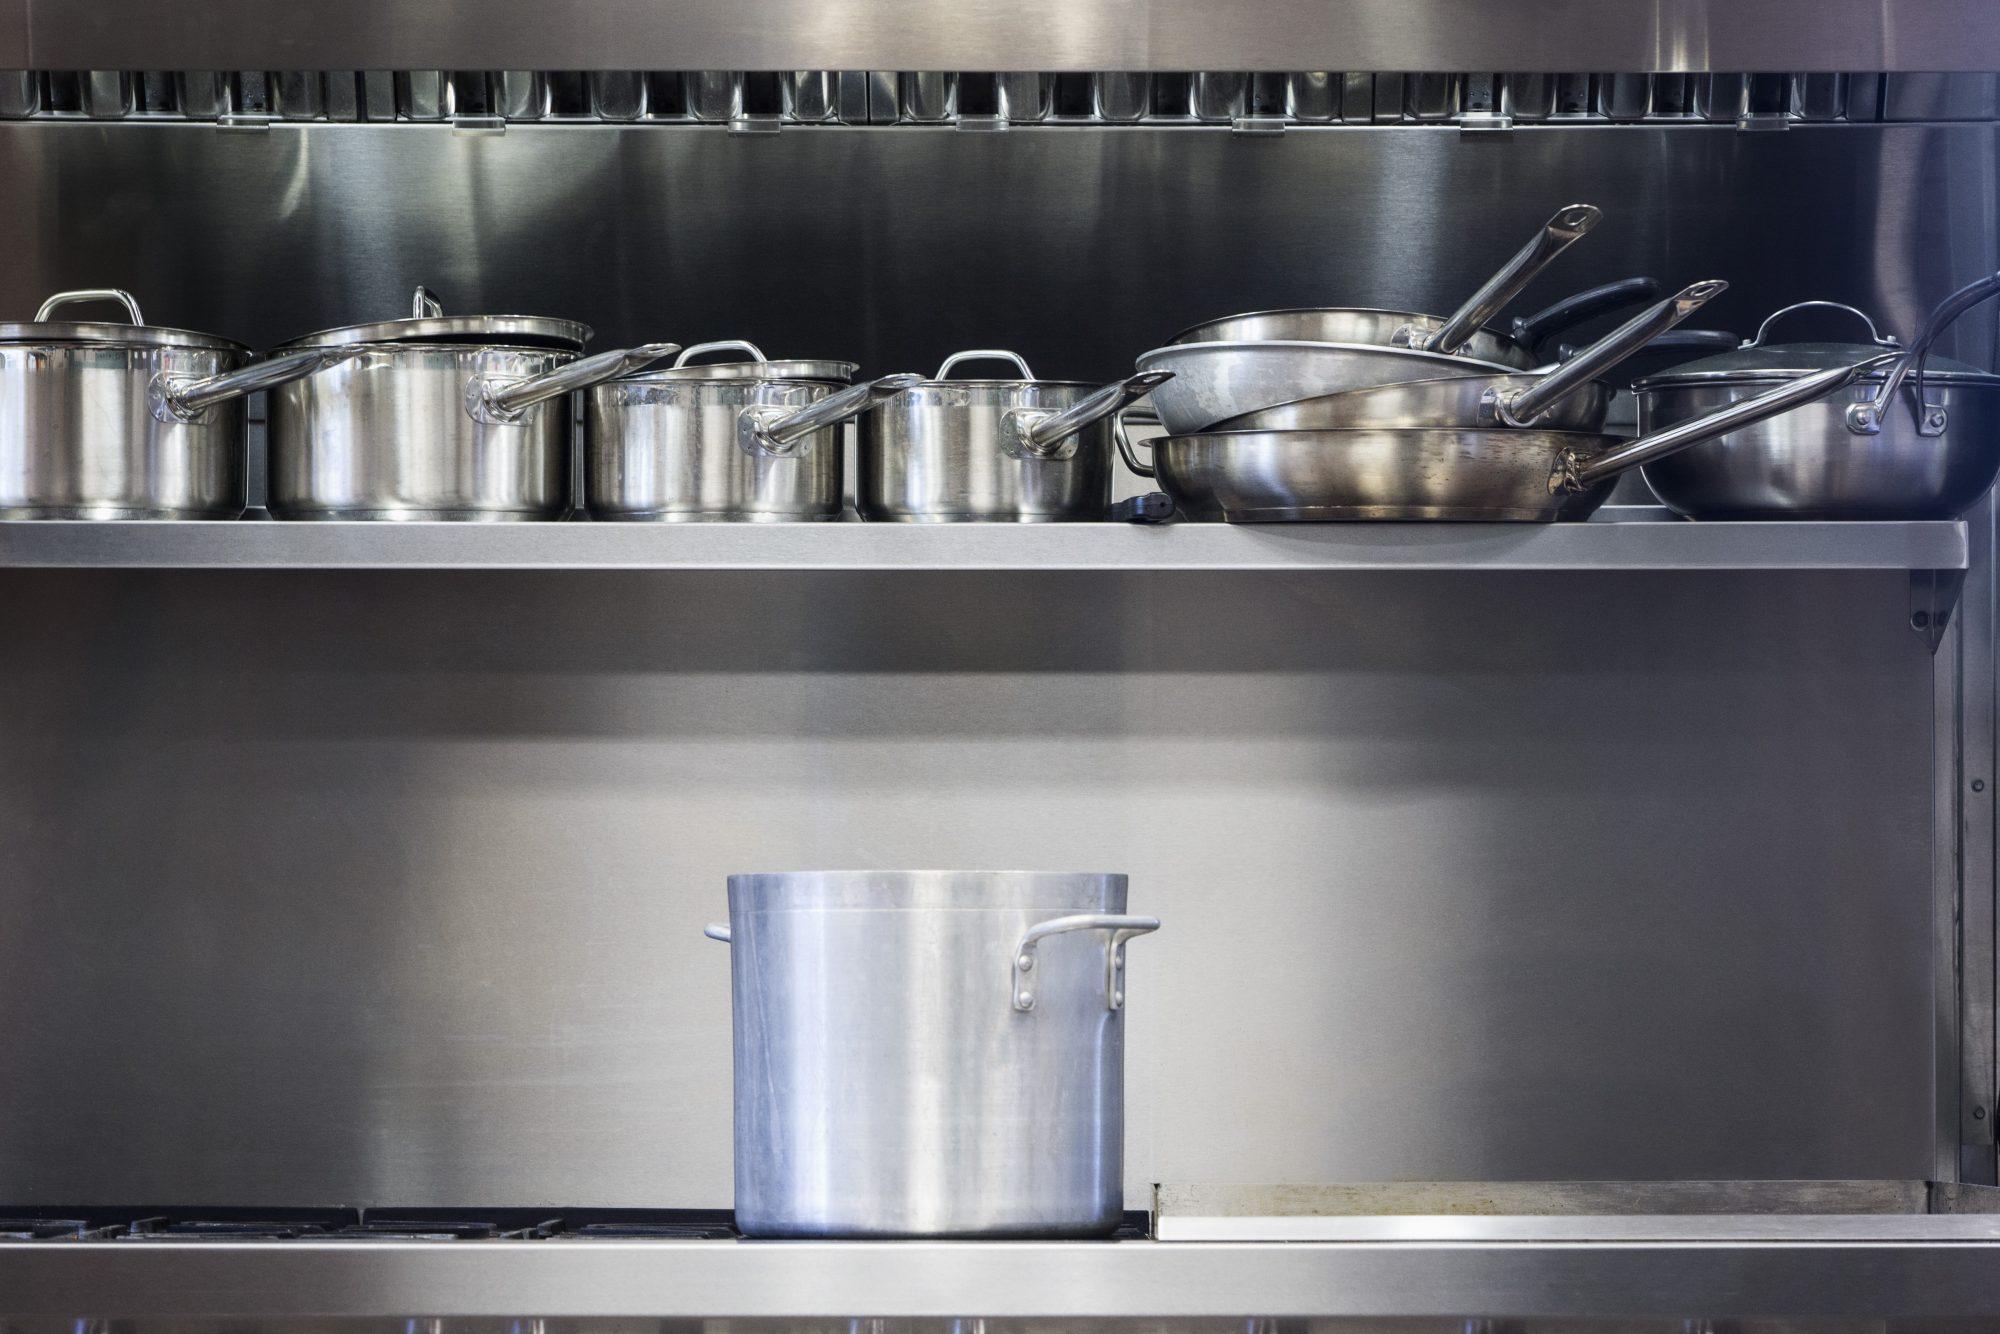 https: img.okezone.com content 2021 05 15 470 2410428 5-ide-penyimpanan-dapur-mirip-desain-restoran-VZ5c9FJP6G.jpg